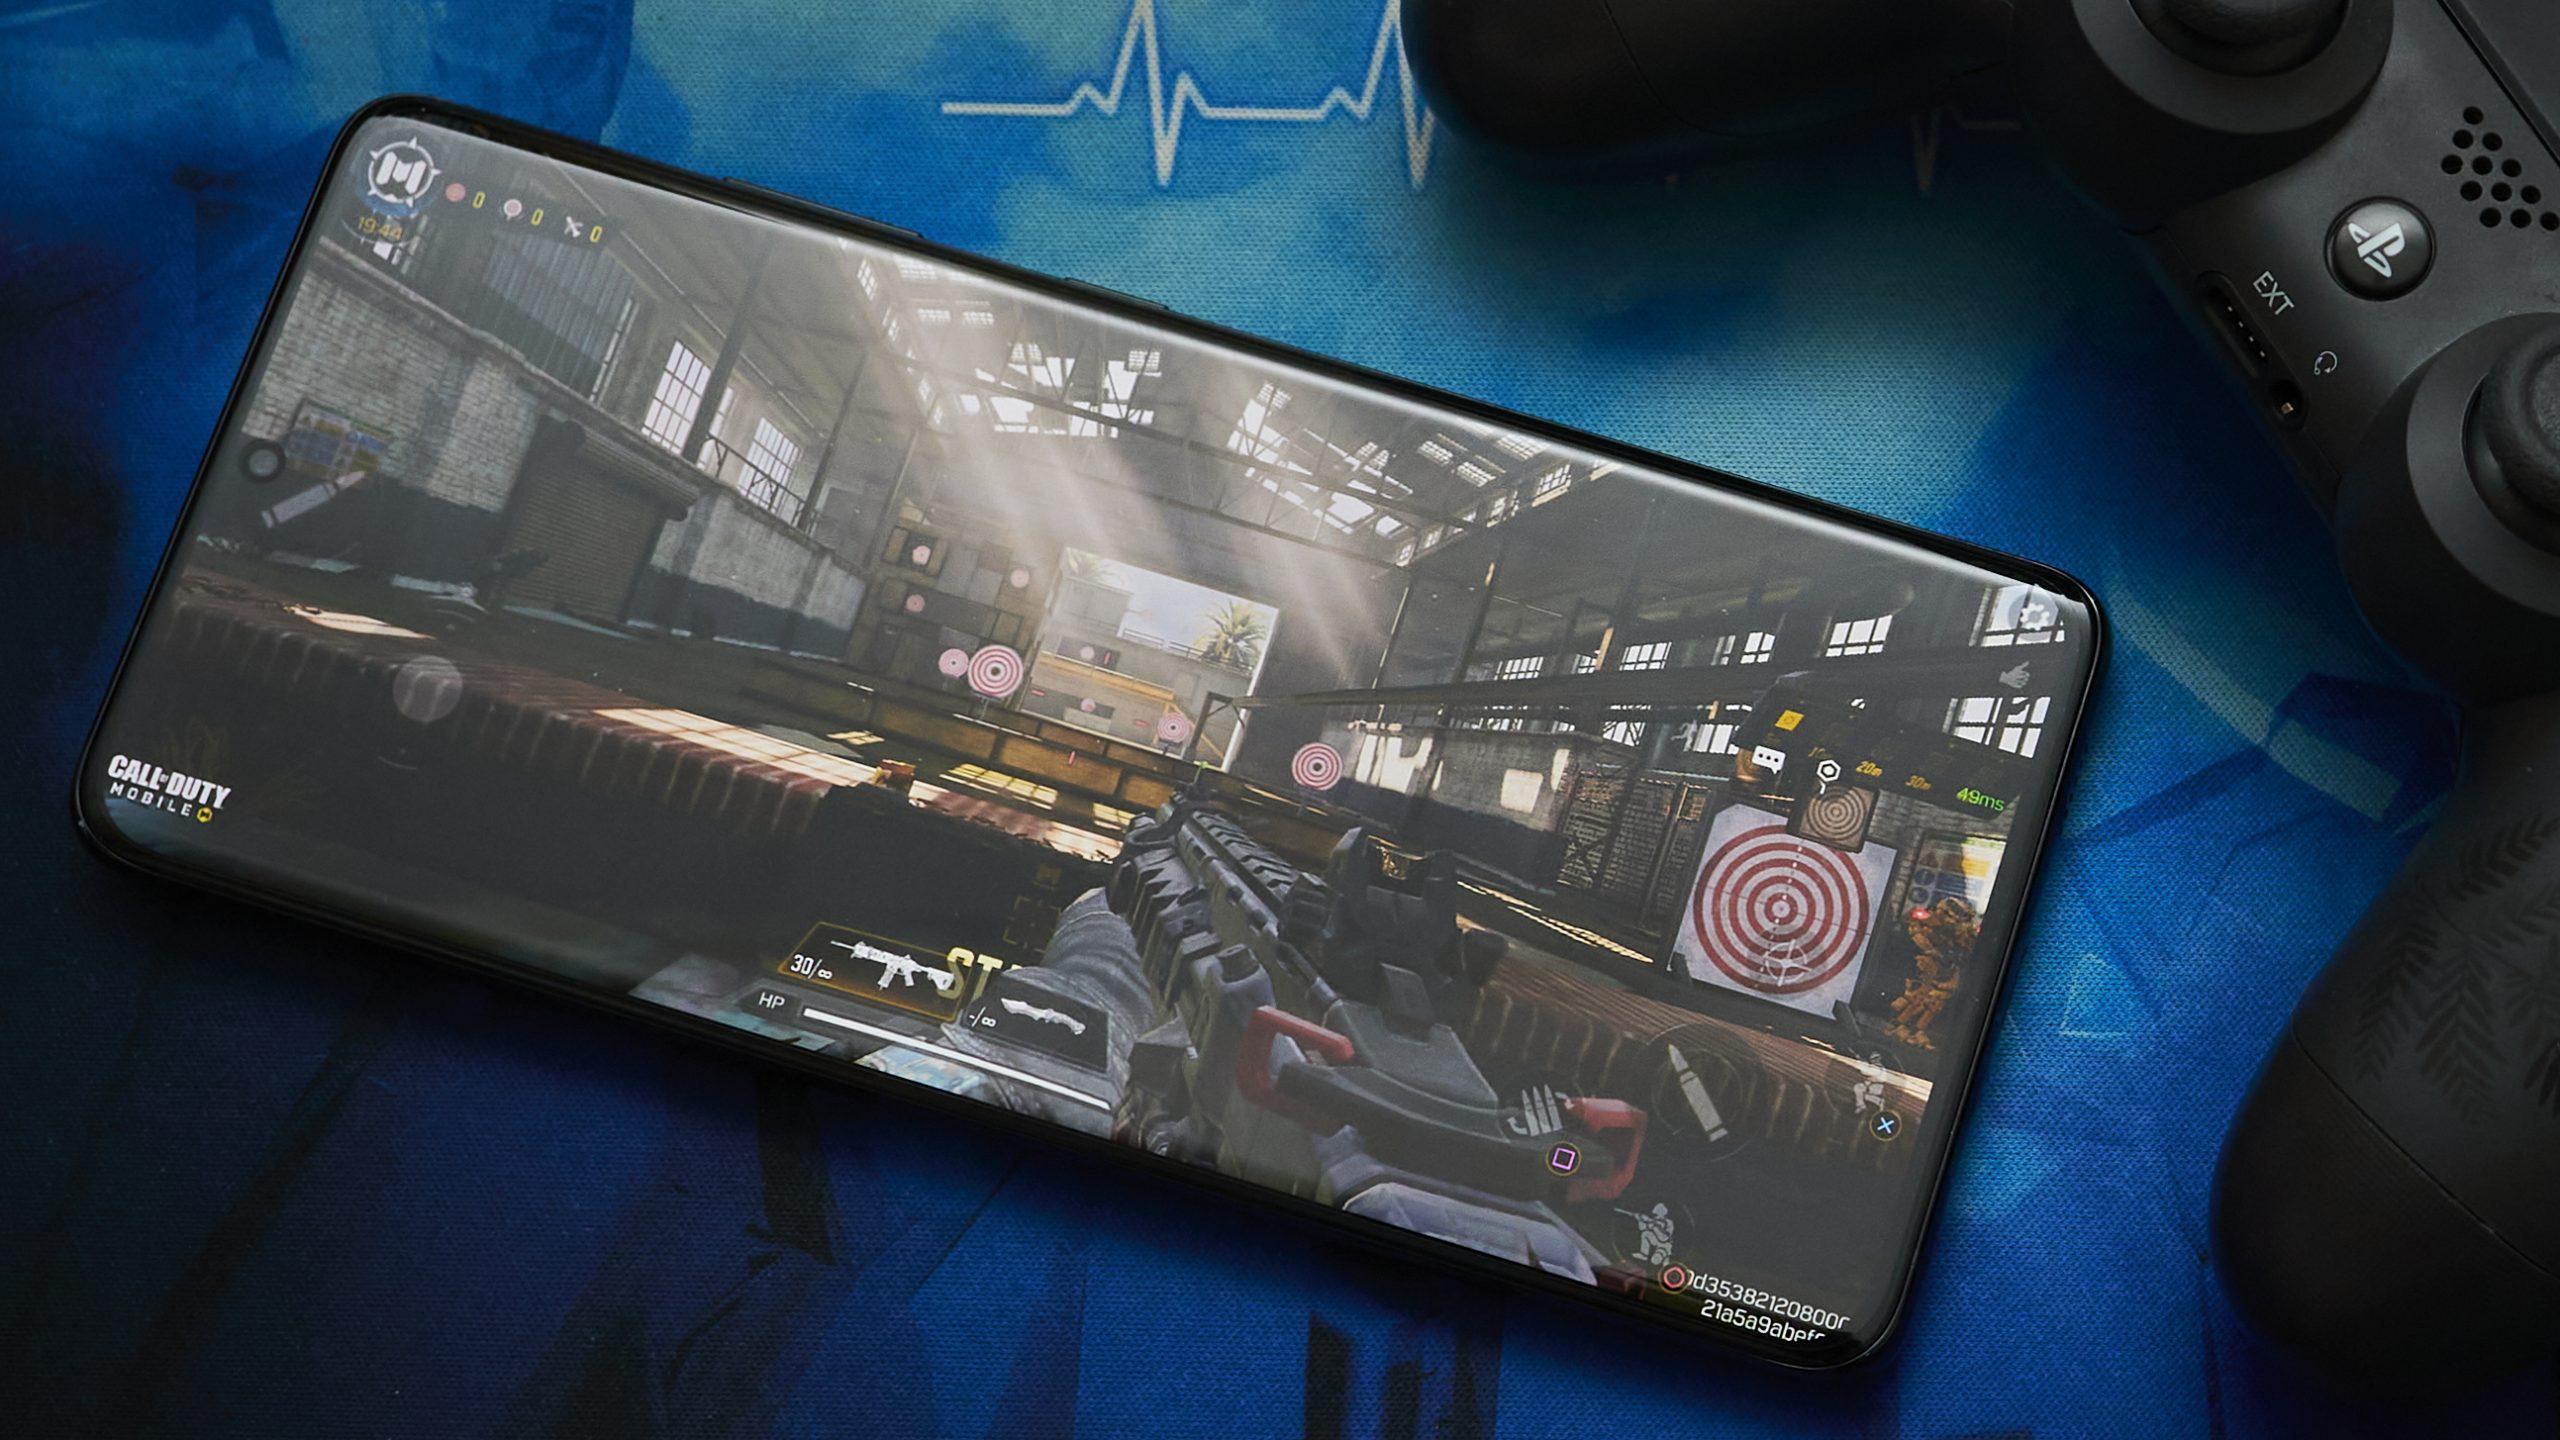 Samsung Galaxy S21 Ultra gaming experience   WASD